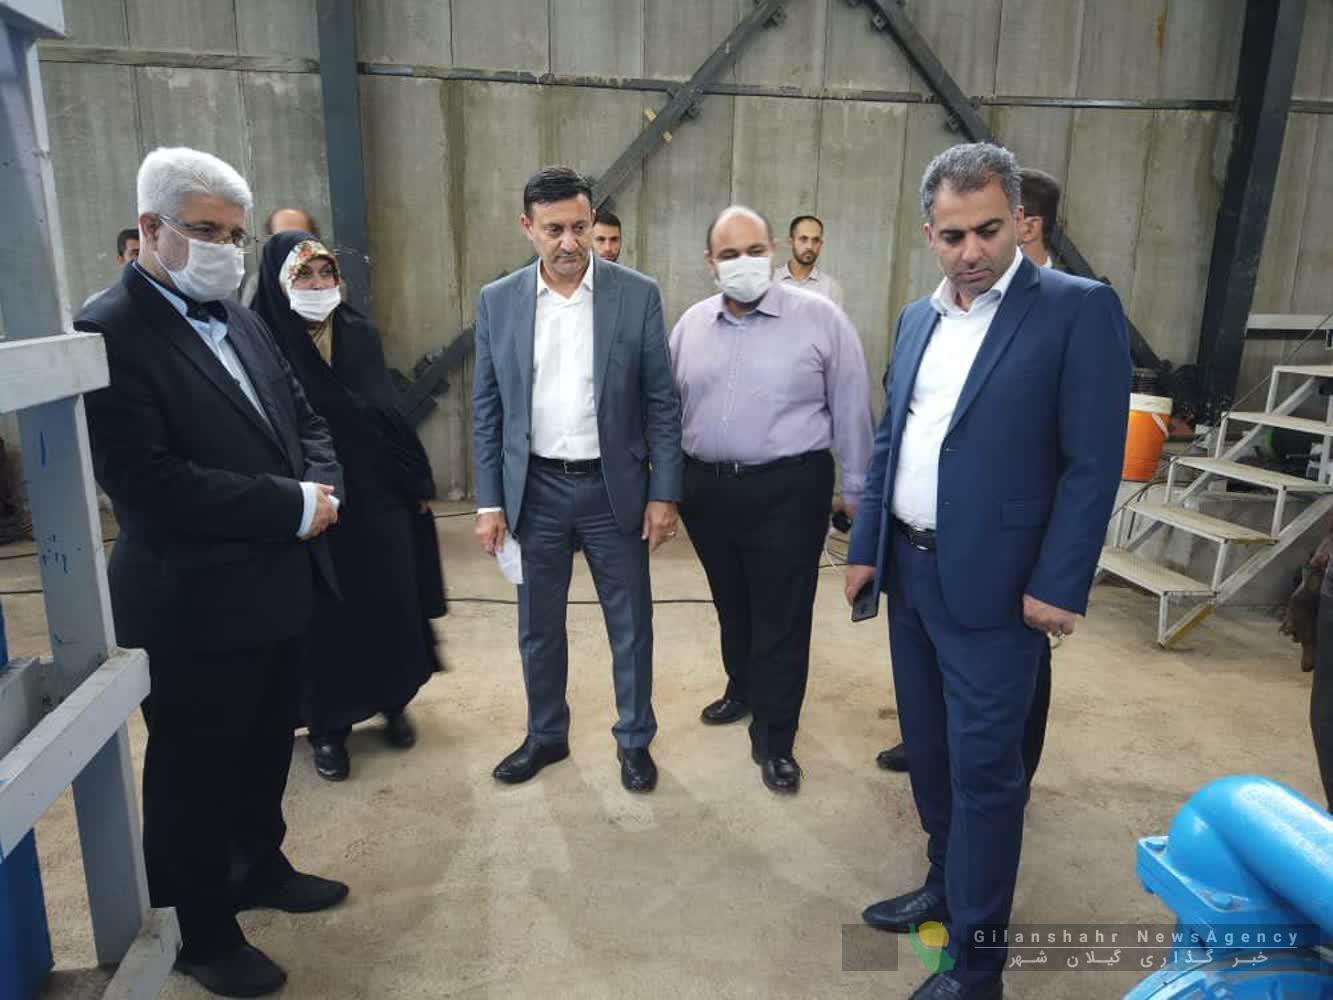 گزارش تصویری بازدید چهار تن از اعضای شورای اسلامی شهر رشت به همراه دکتر ناصر حاج محمدی از دفنگاه زباله های سراوان و تاسیسات تصفیه خانه شیرابه